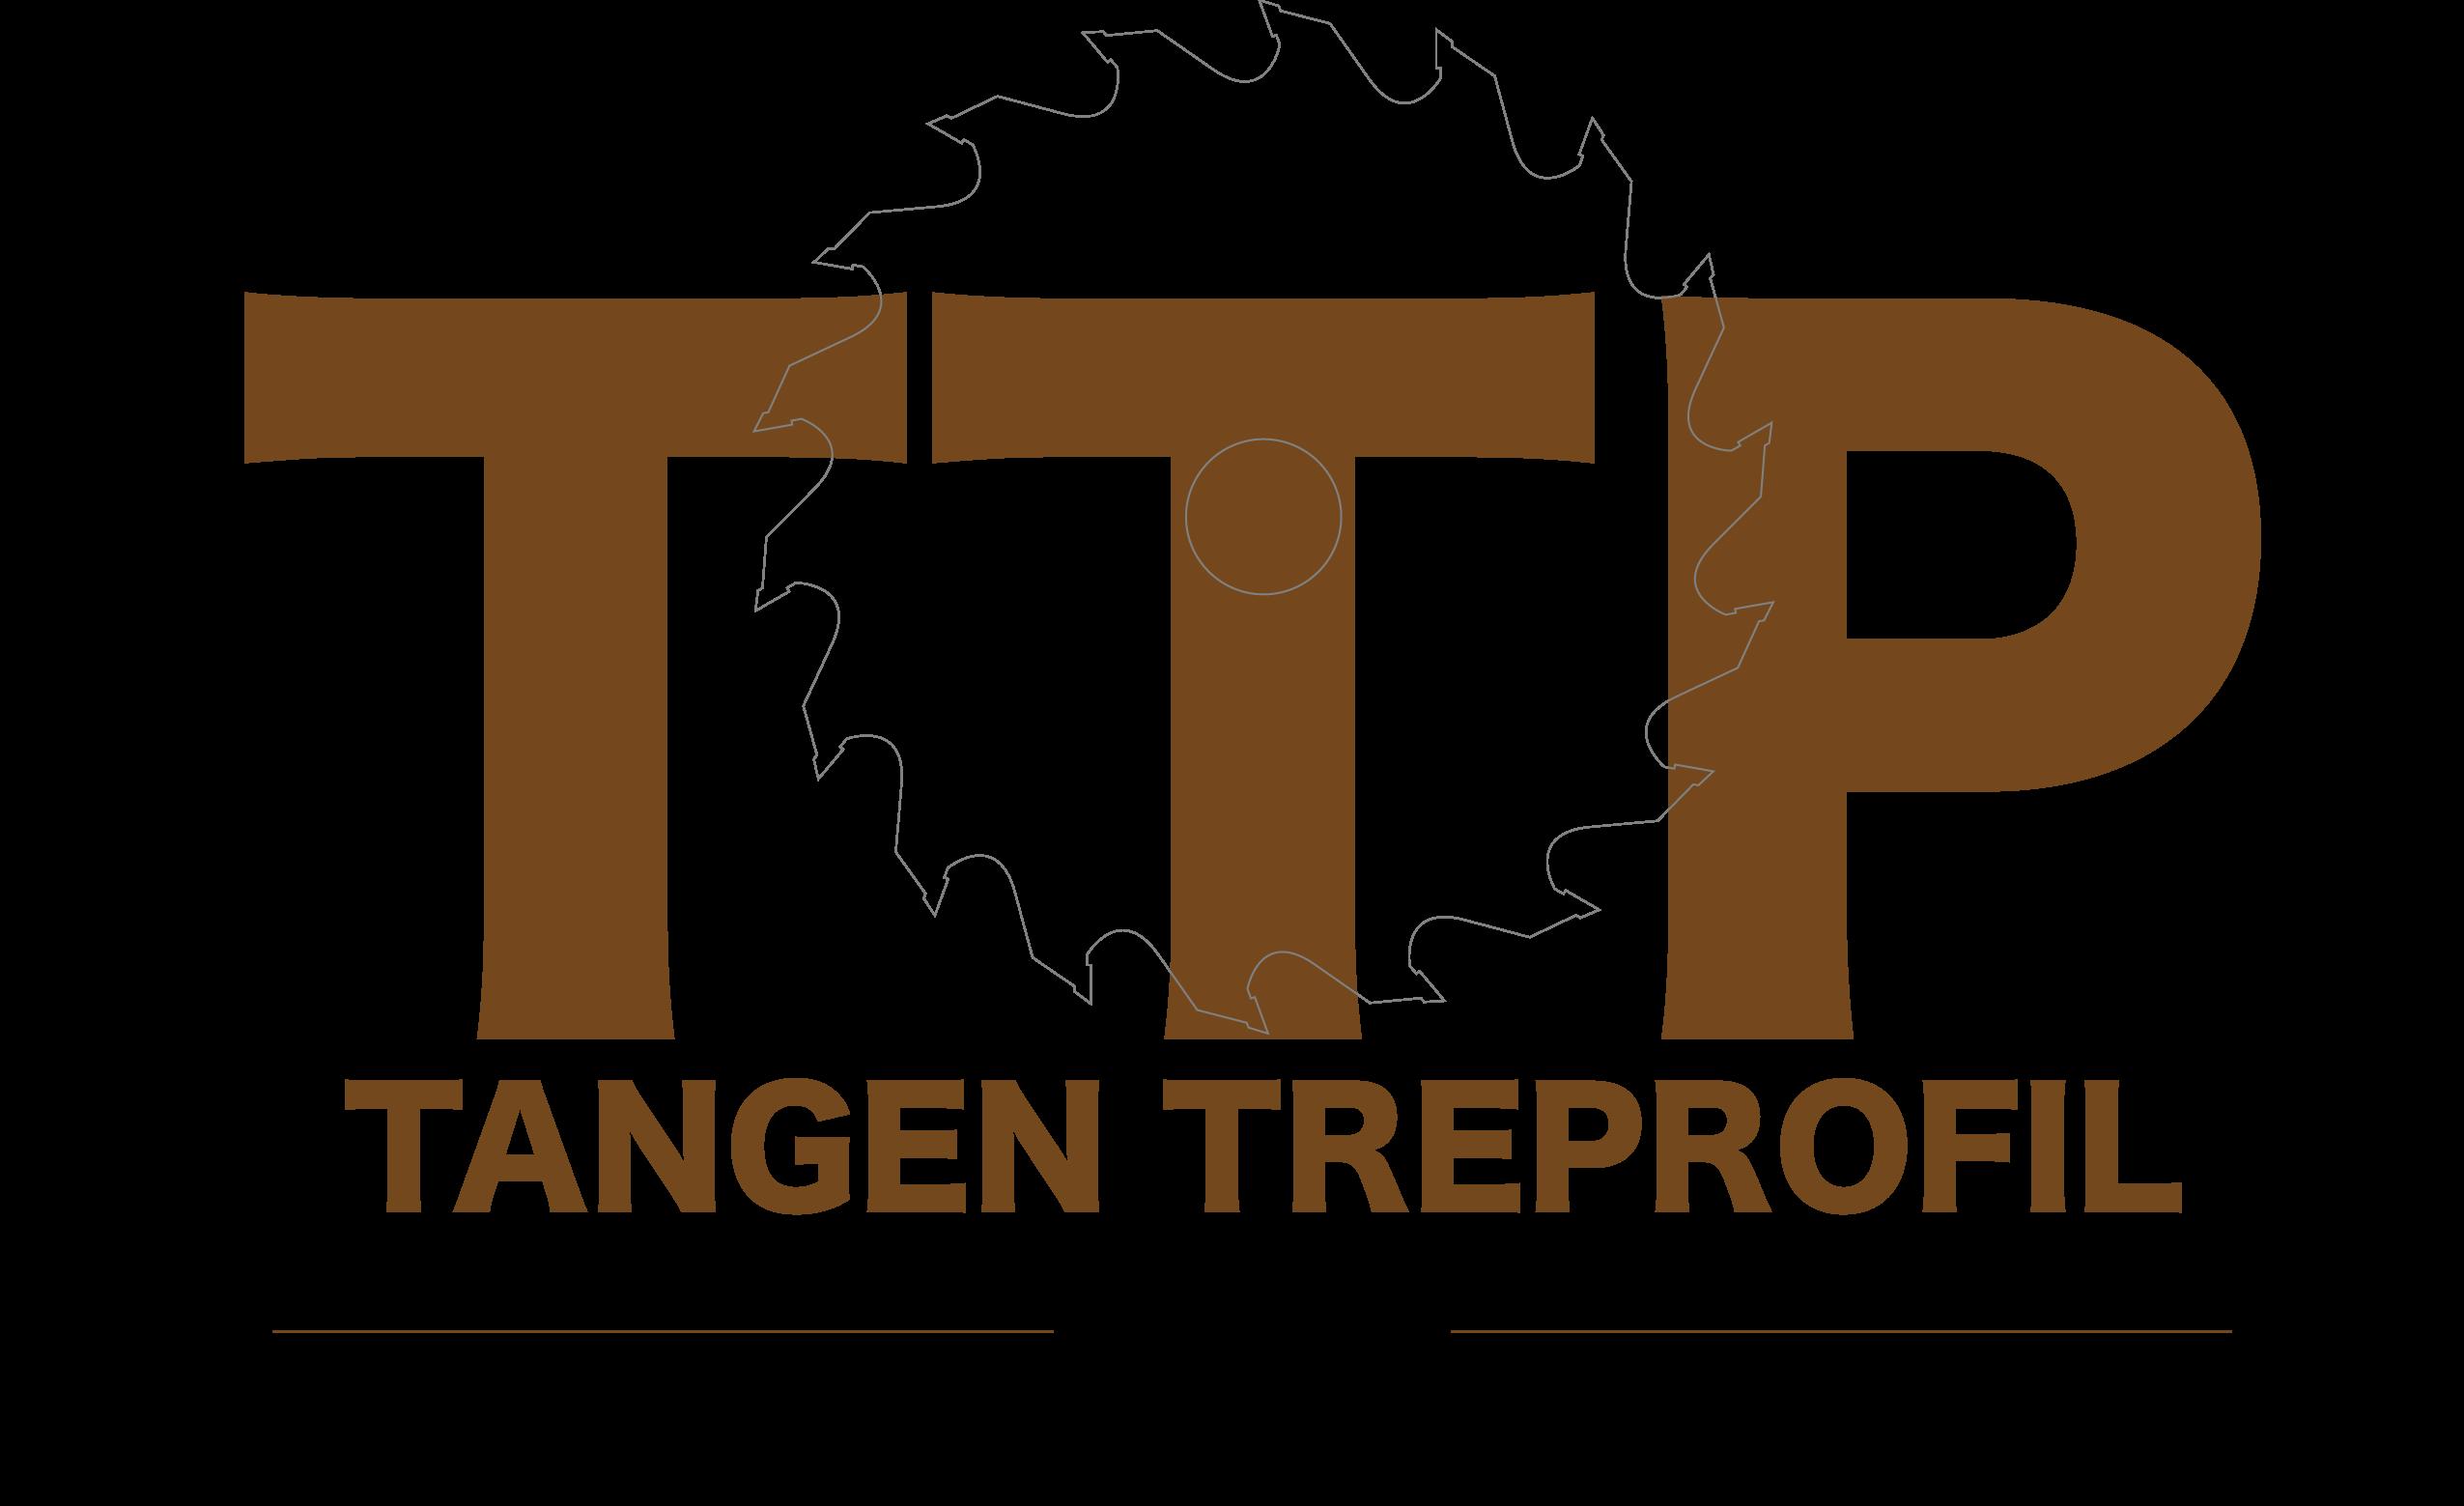 Tangen Treprofil